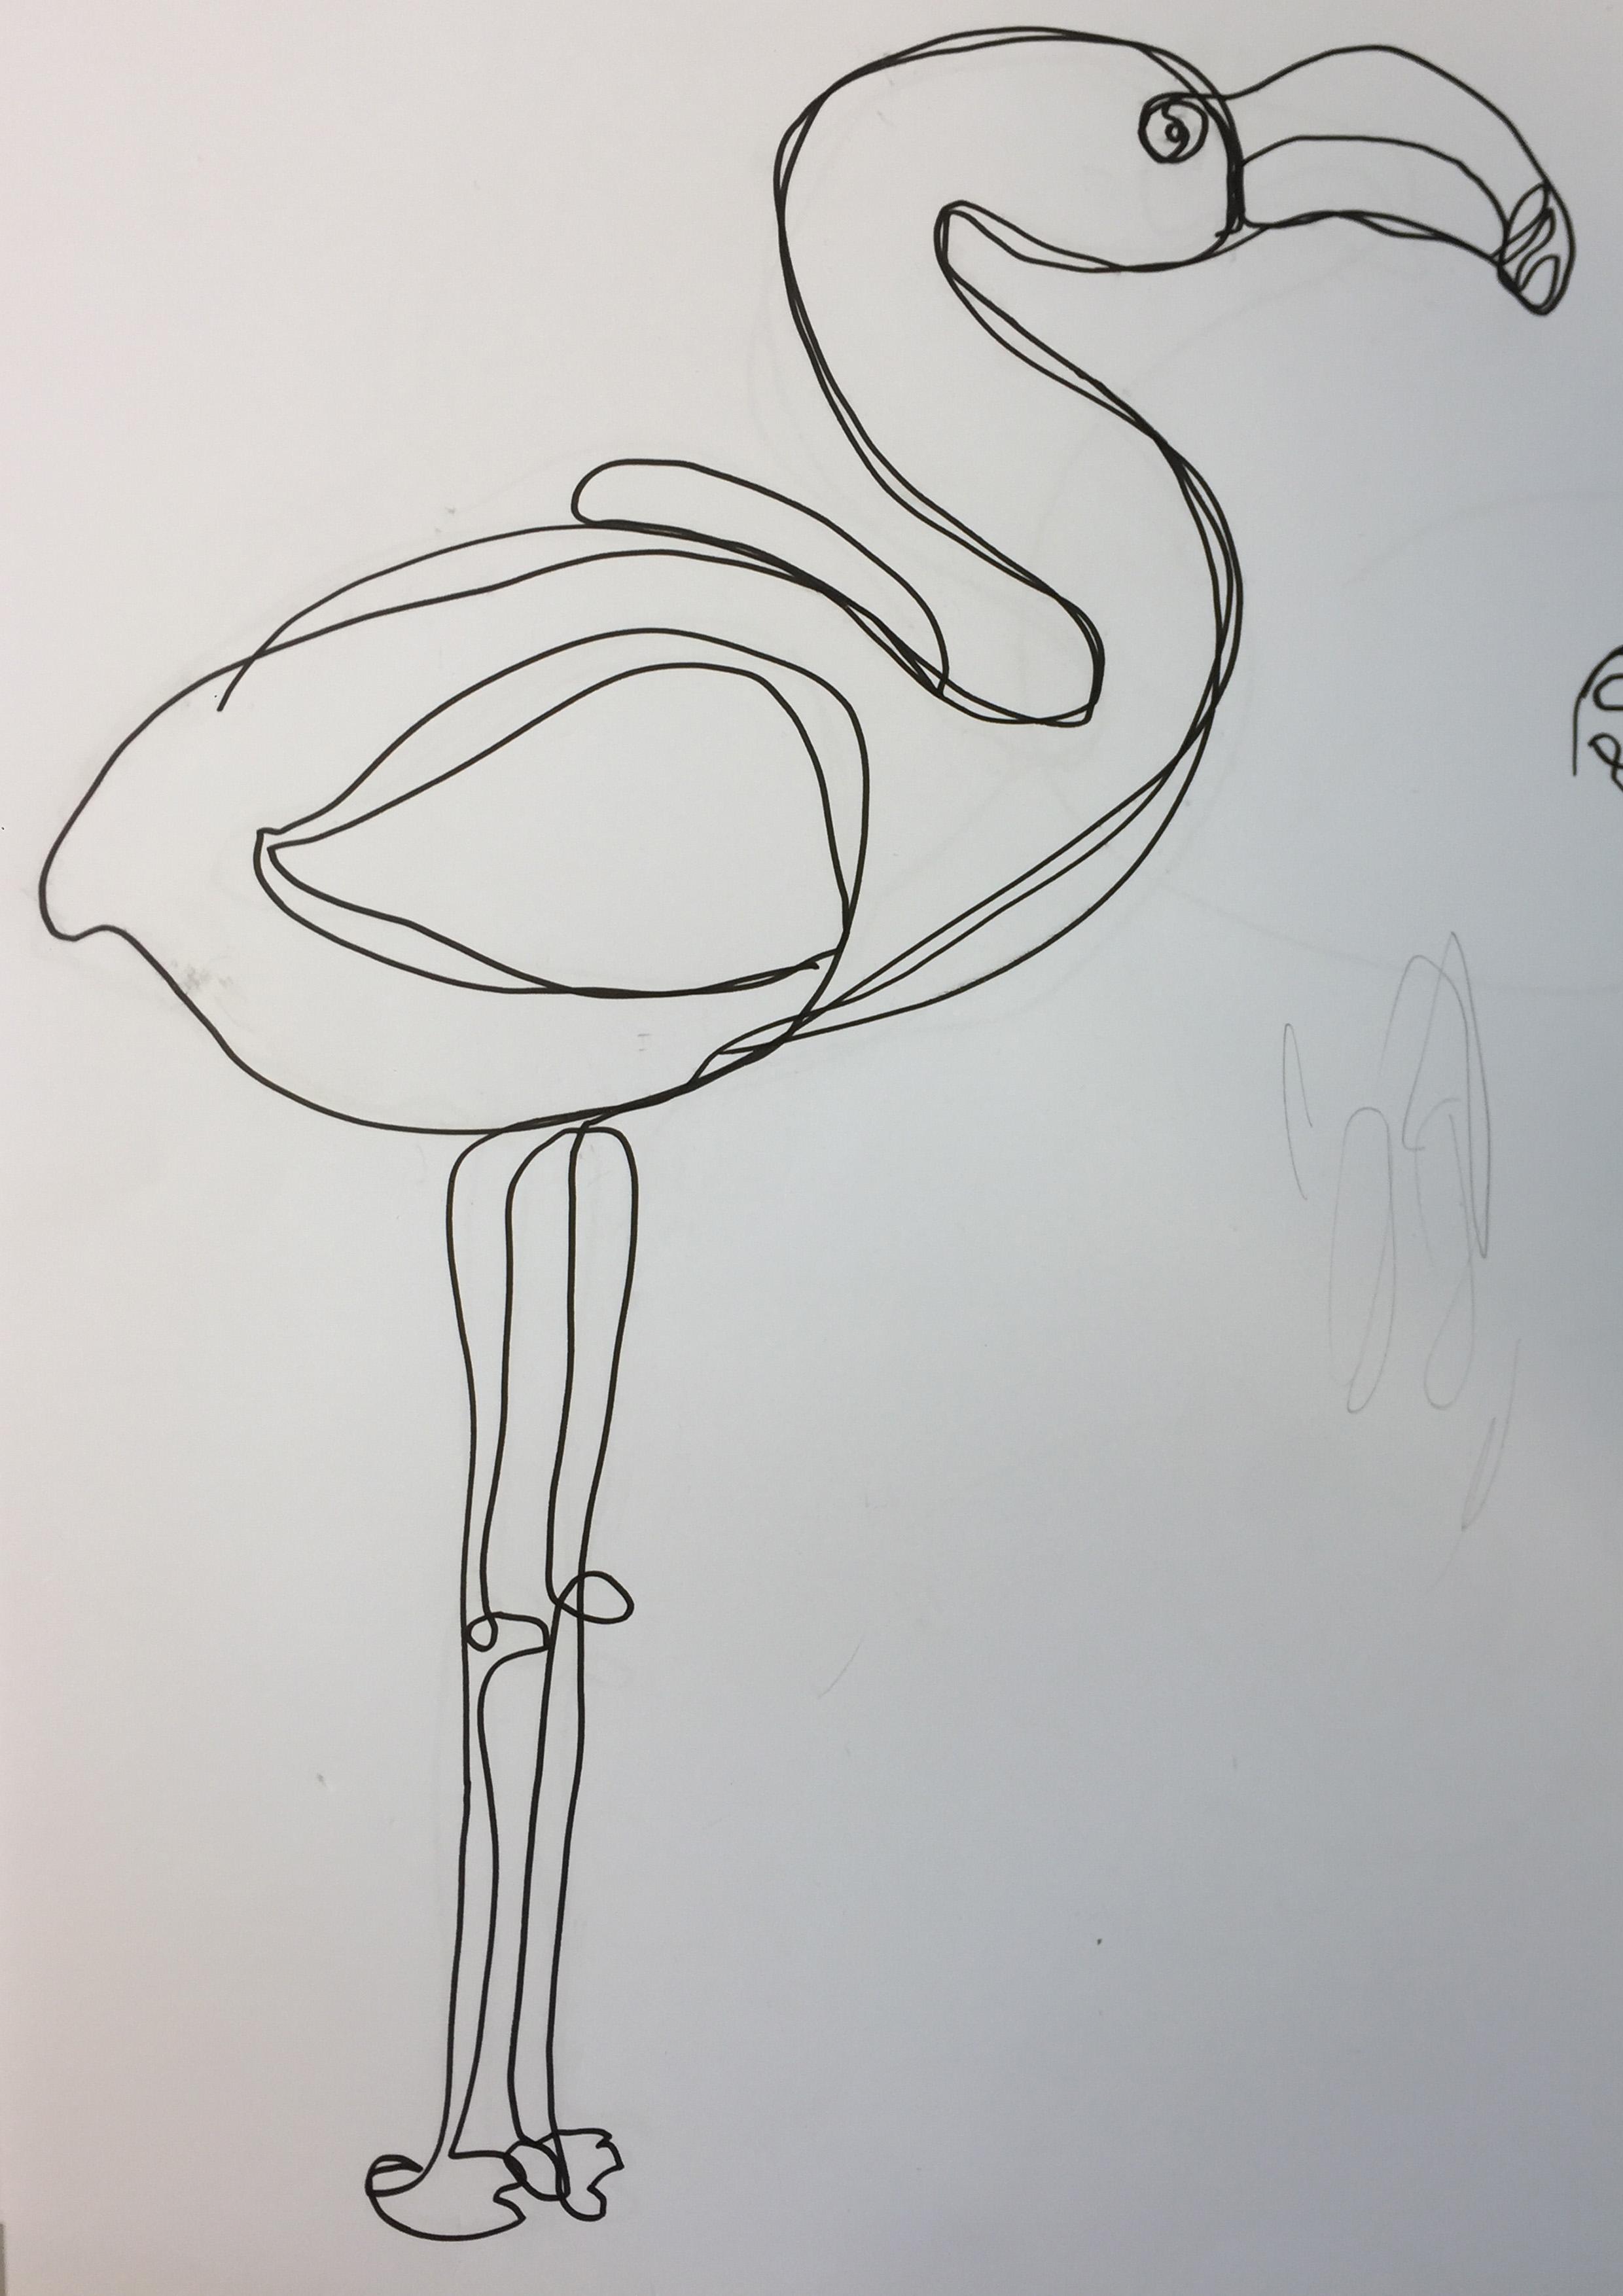 Drahtfigur von Viviane Frauchiger